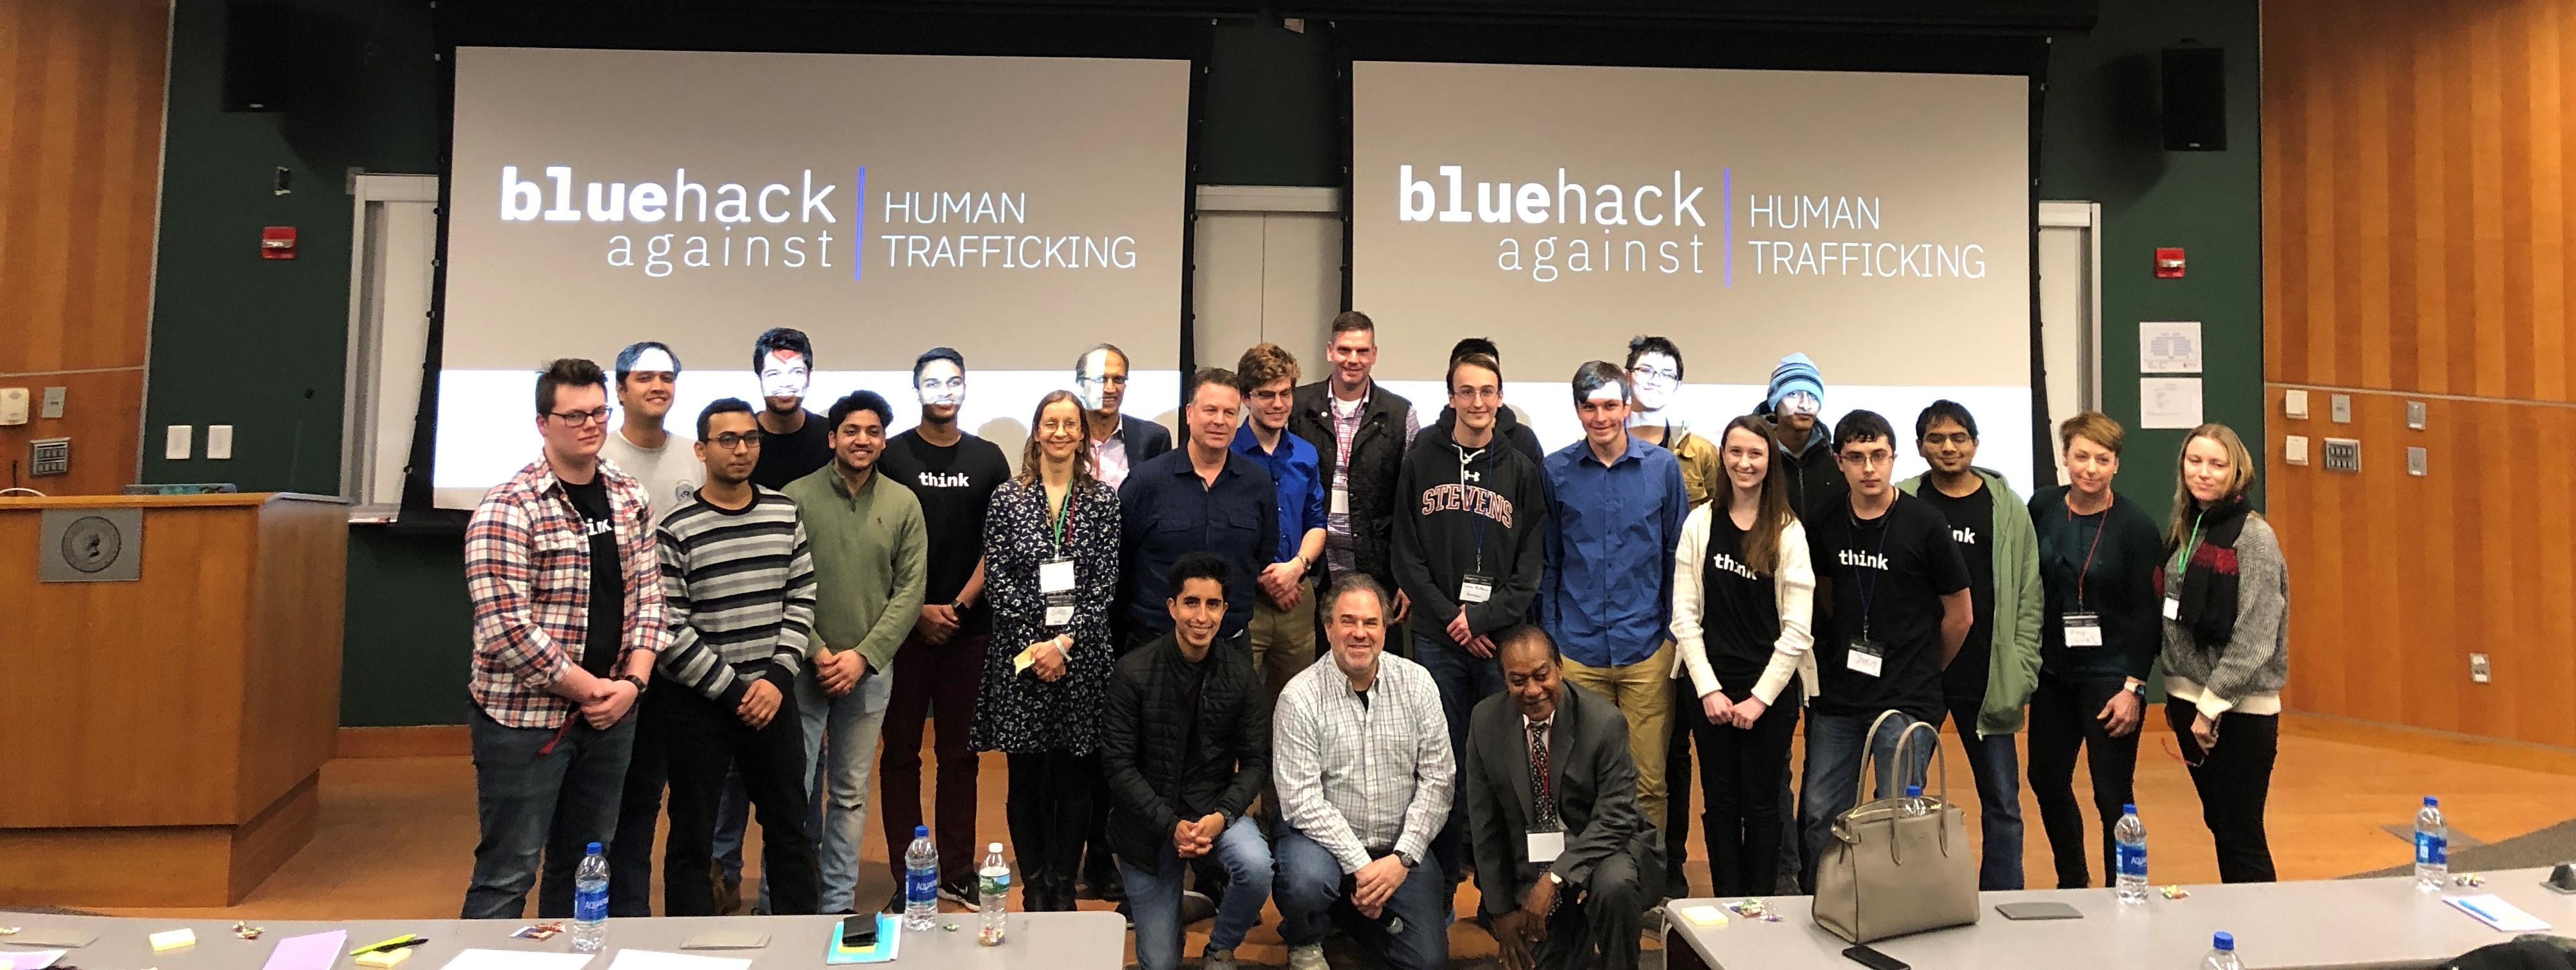 IBM, Pasos Libres, UNODC y el Stevens Institute of Technology llevaron a cabo la primera BlueHack Contra la Trata de Personas de Estados Unidos